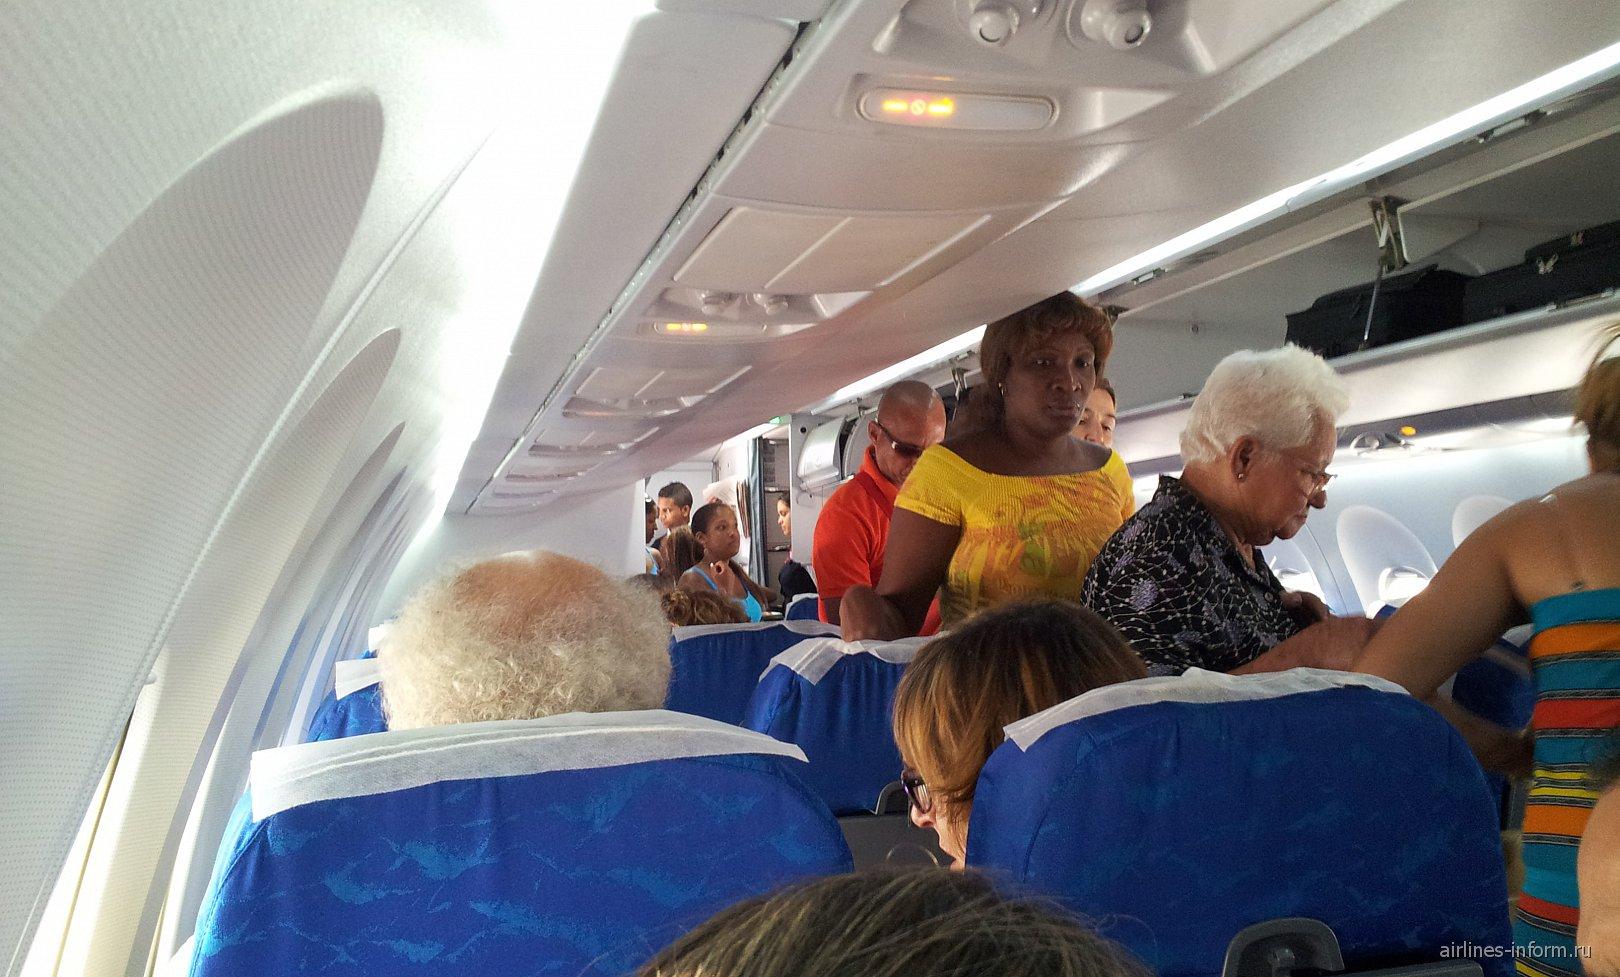 Салон самолета Ан-158 авиакомпании Кубана